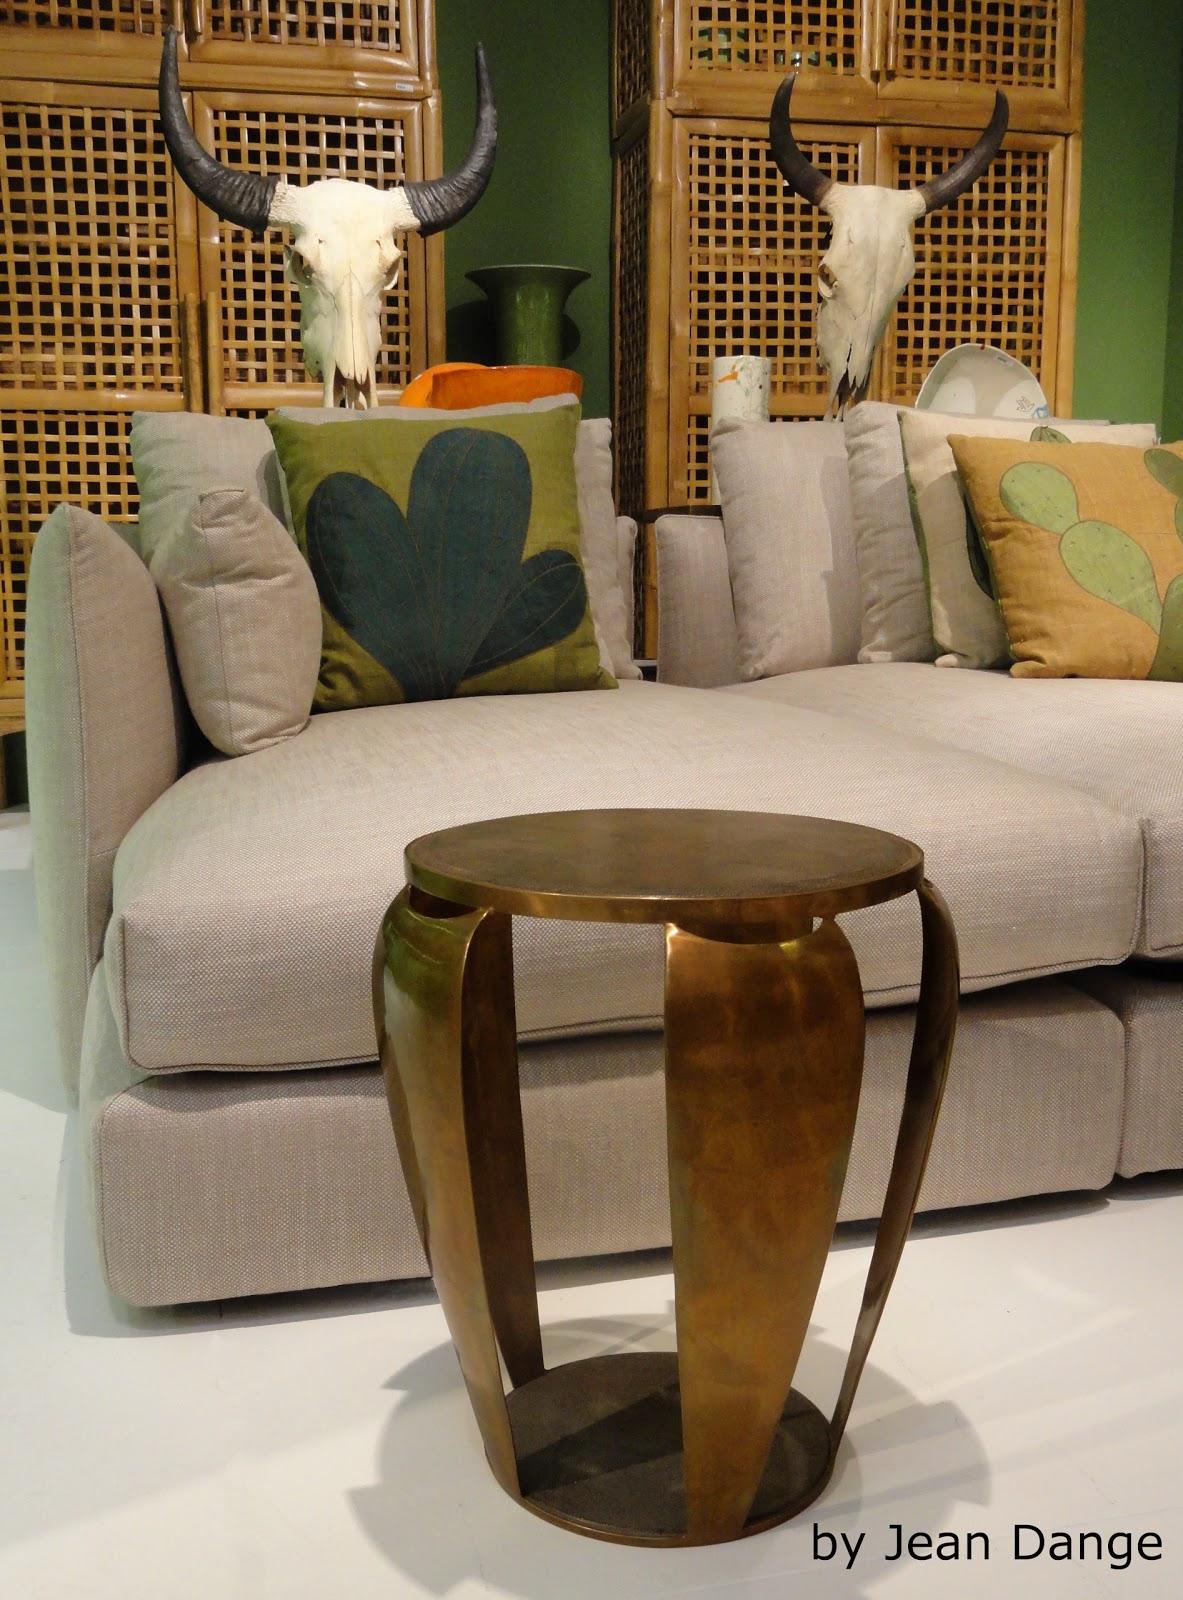 jean dange december 2010. Black Bedroom Furniture Sets. Home Design Ideas